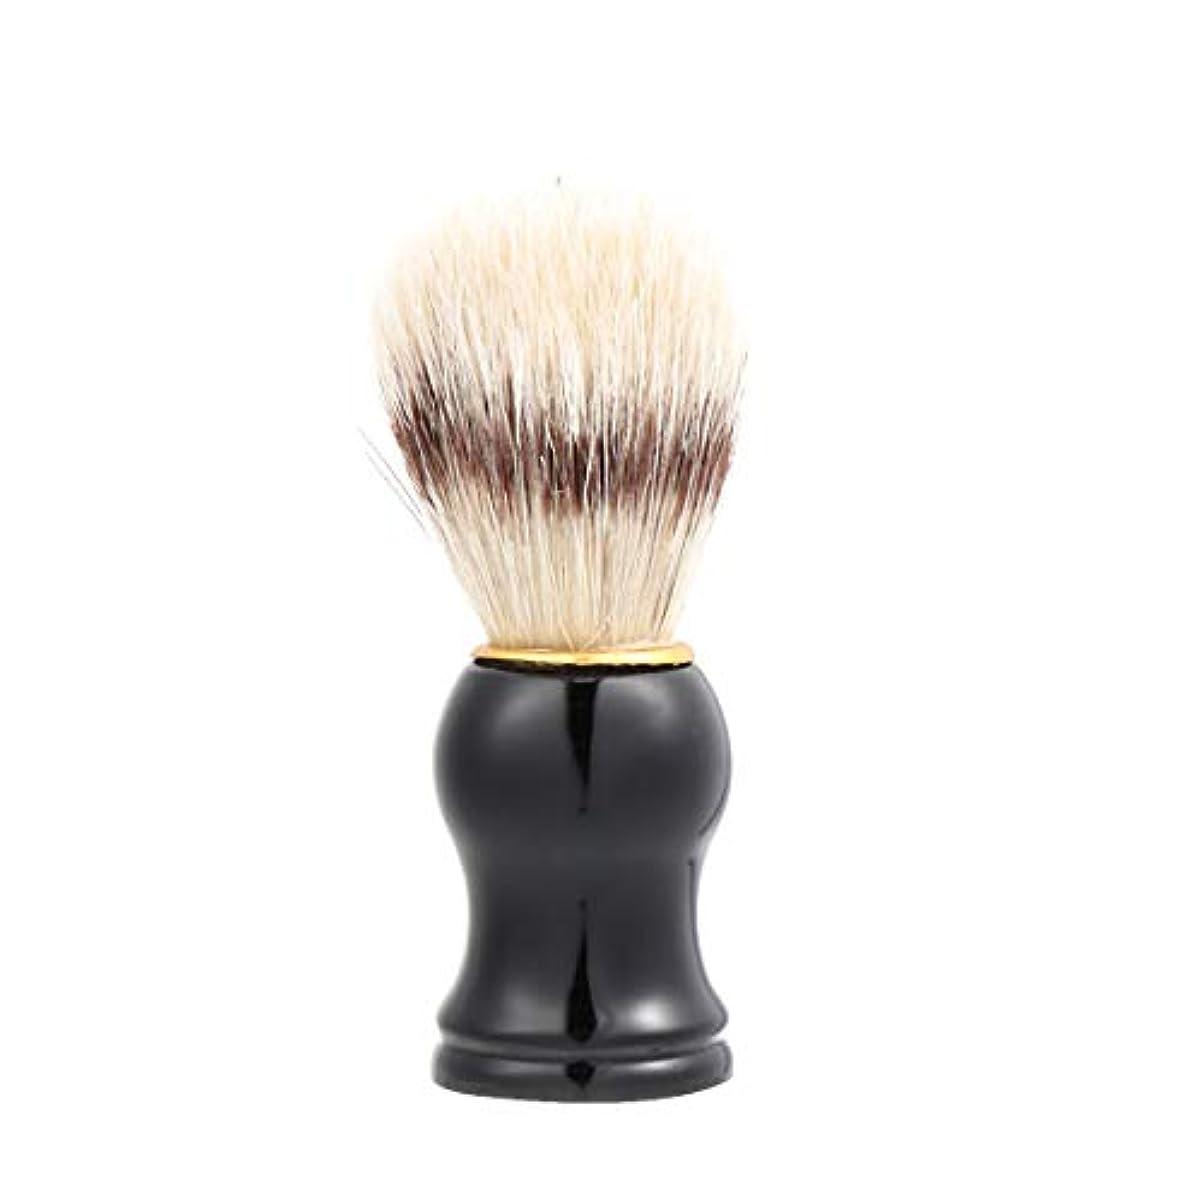 ボード激怒ビスケットLurrose 男性の剃毛ブラシ 毛髭ひげ 剃毛ブラシ ソフト フェイシャルケア ヘアクレンジングブラシ